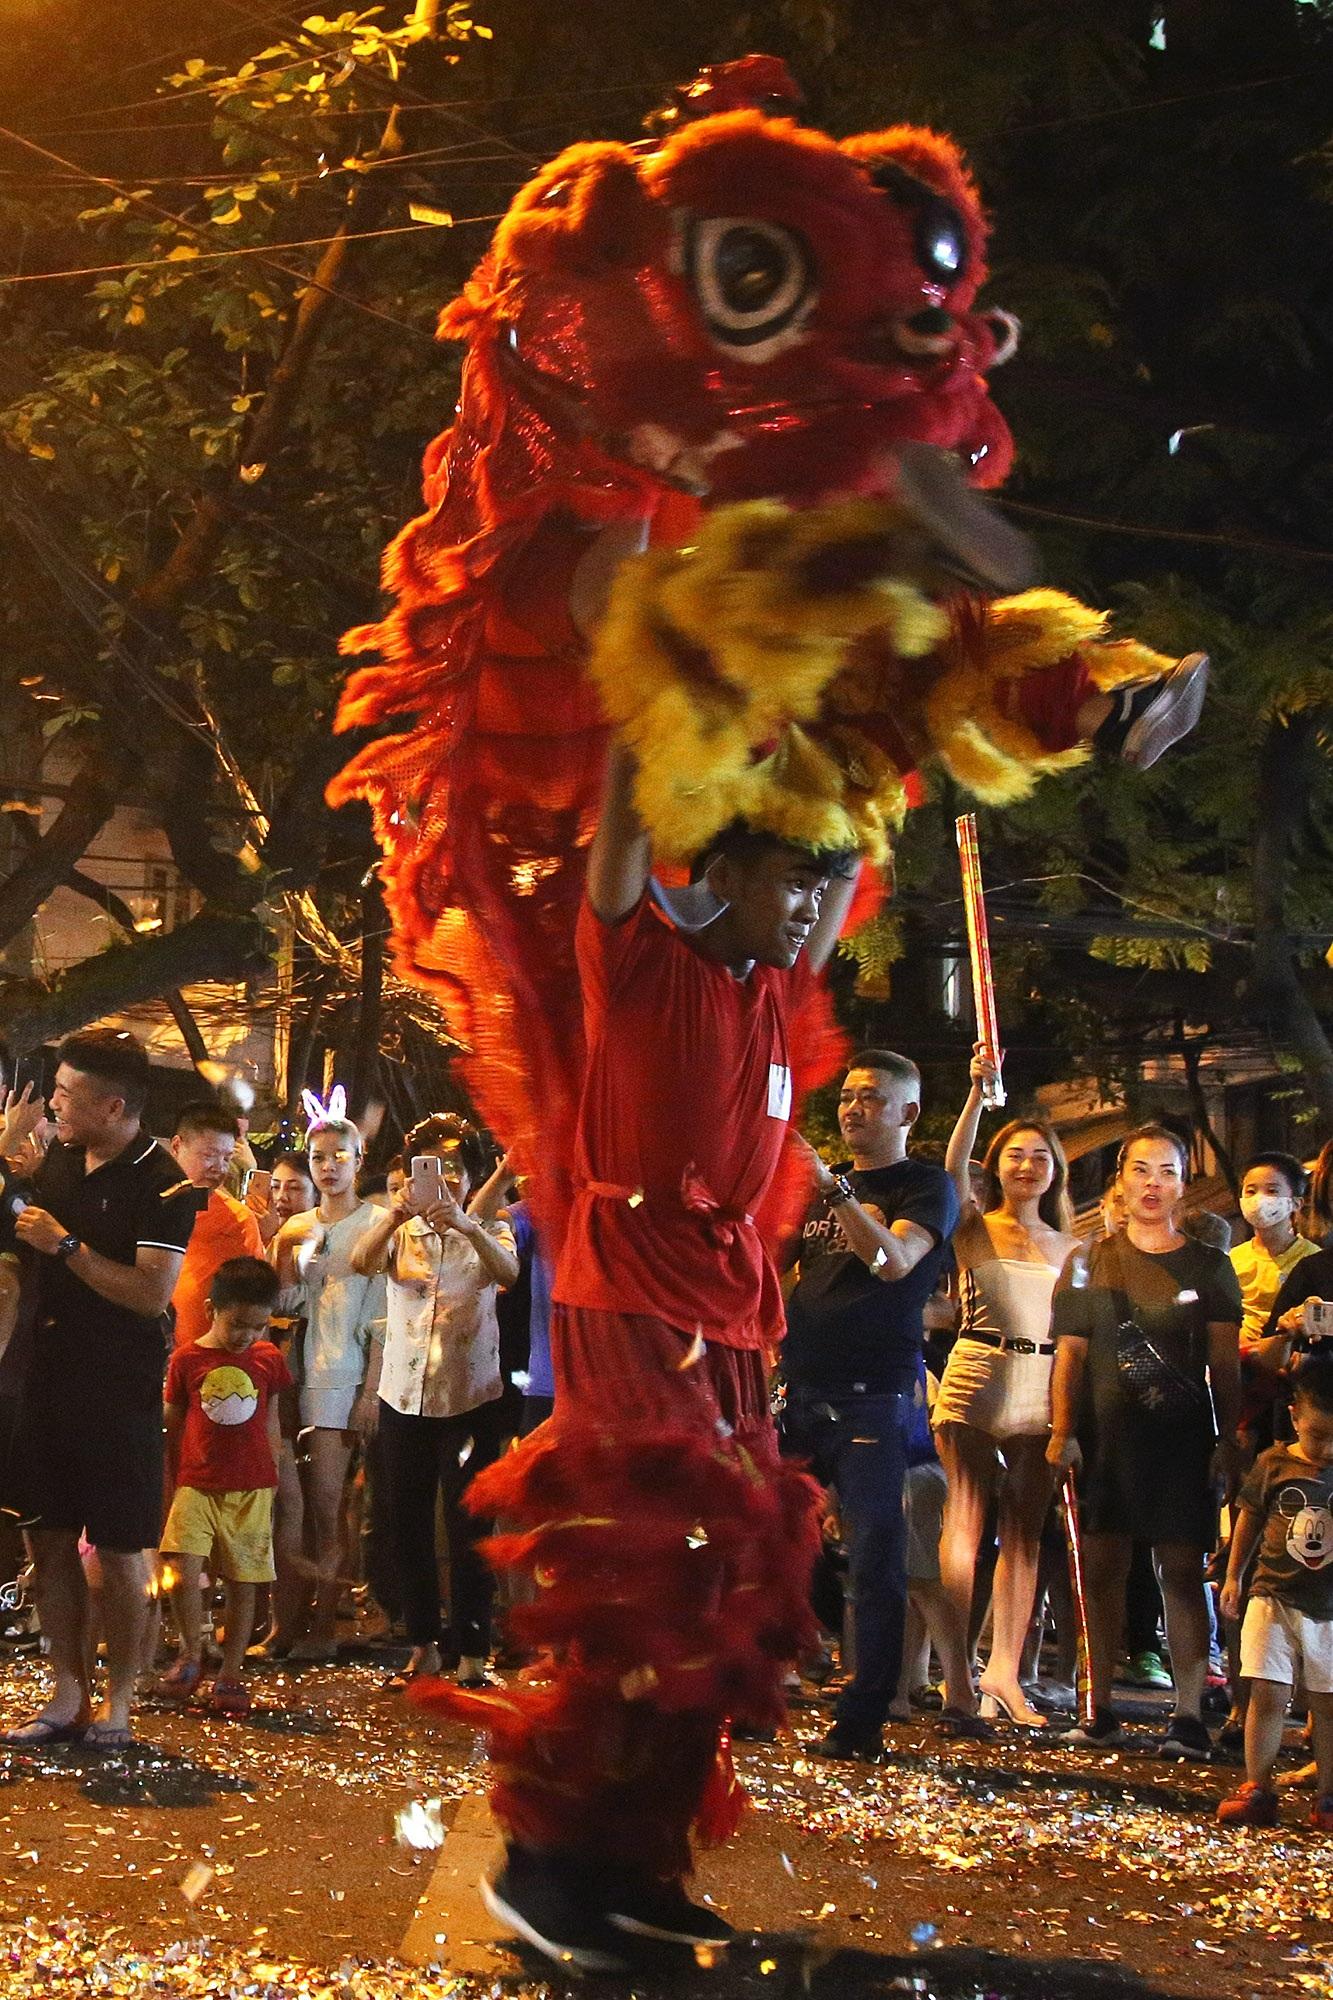 Sôi động đêm trung thu trên đường phố Hà Nội - 5